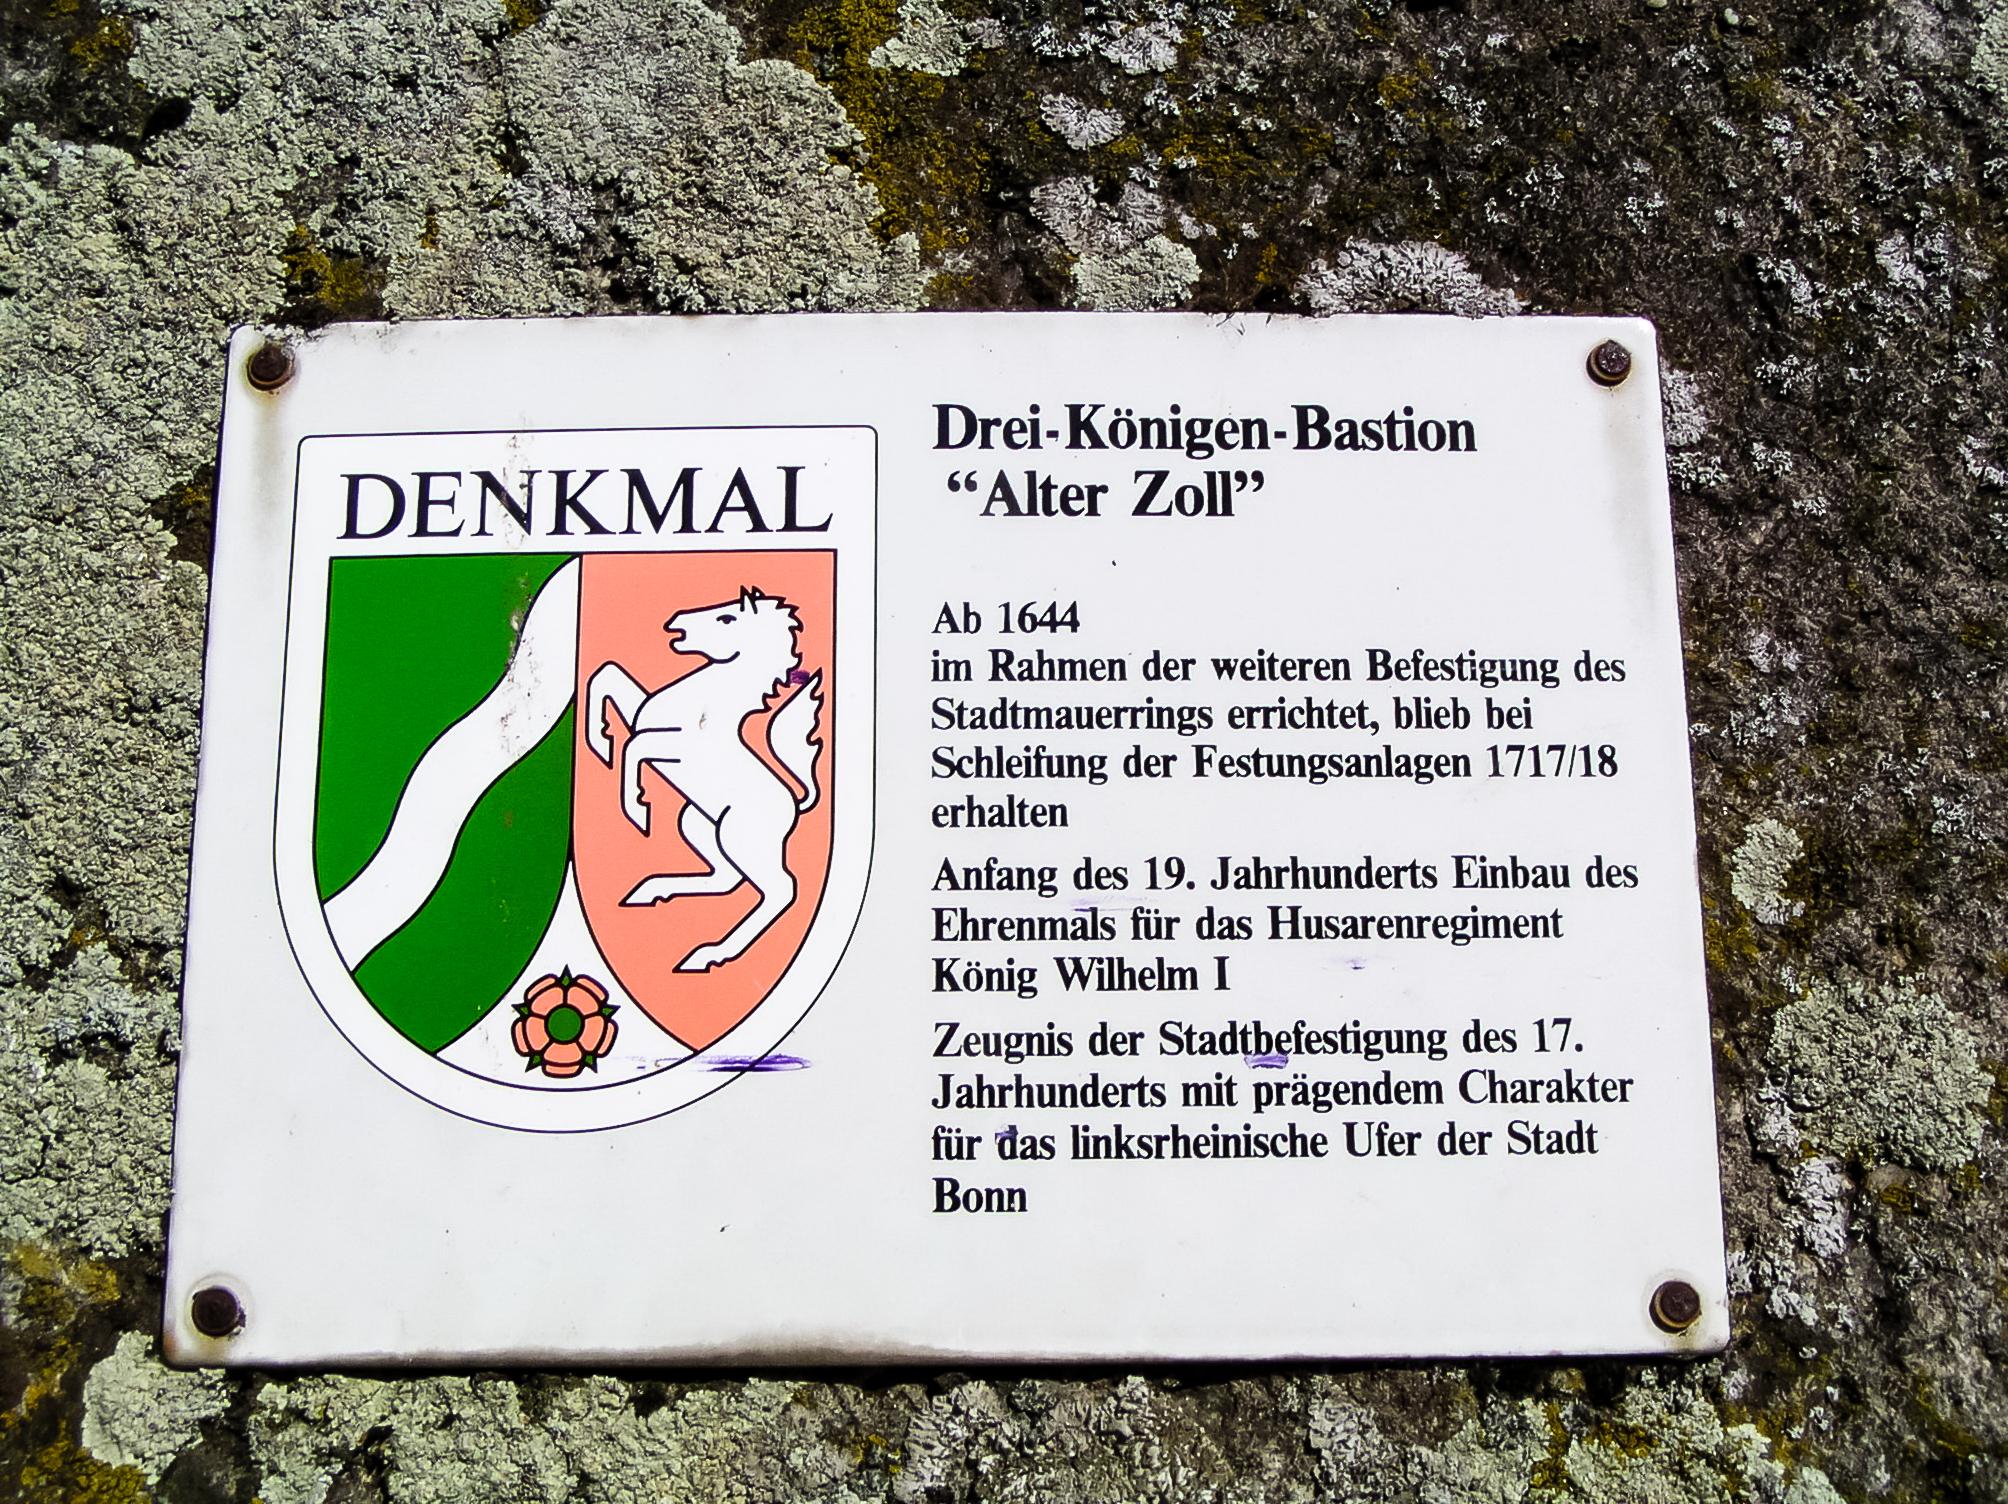 File:Bonn-alter-zoll-2004-07.jpg - Wikimedia Commons